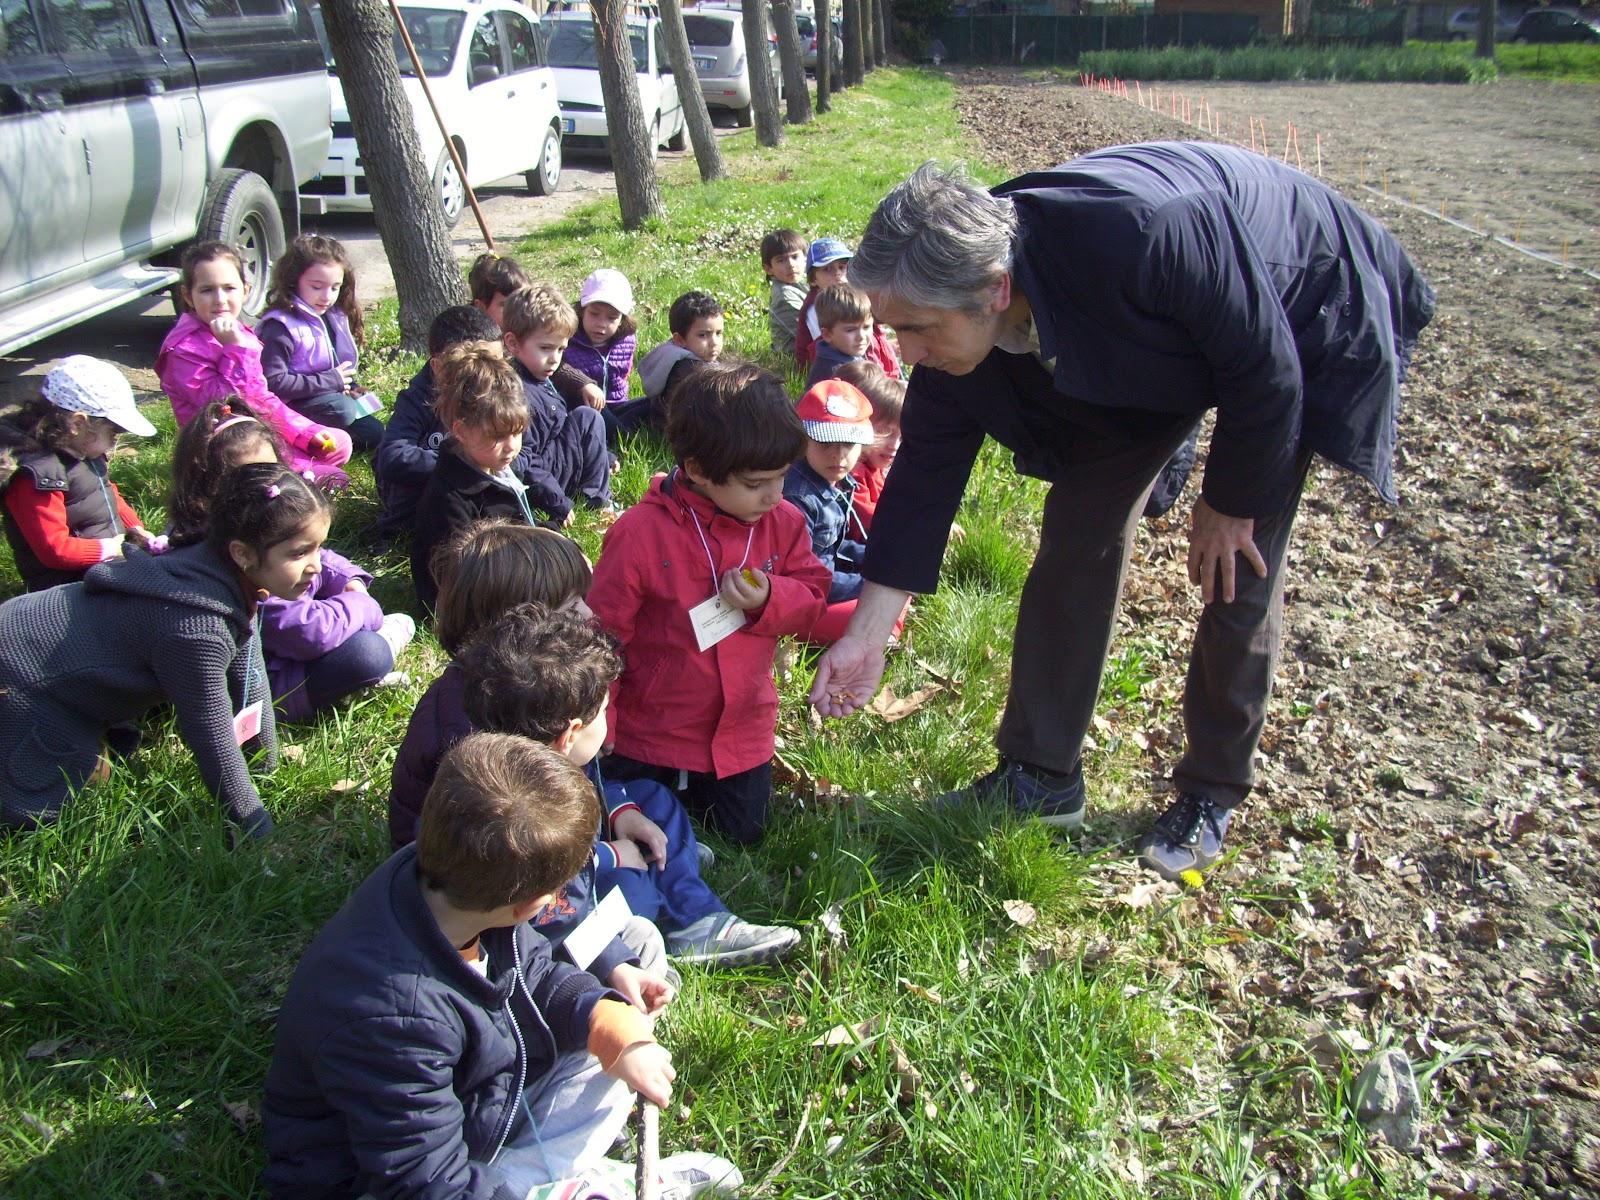 scuola gallini voghera lombardy - photo#3